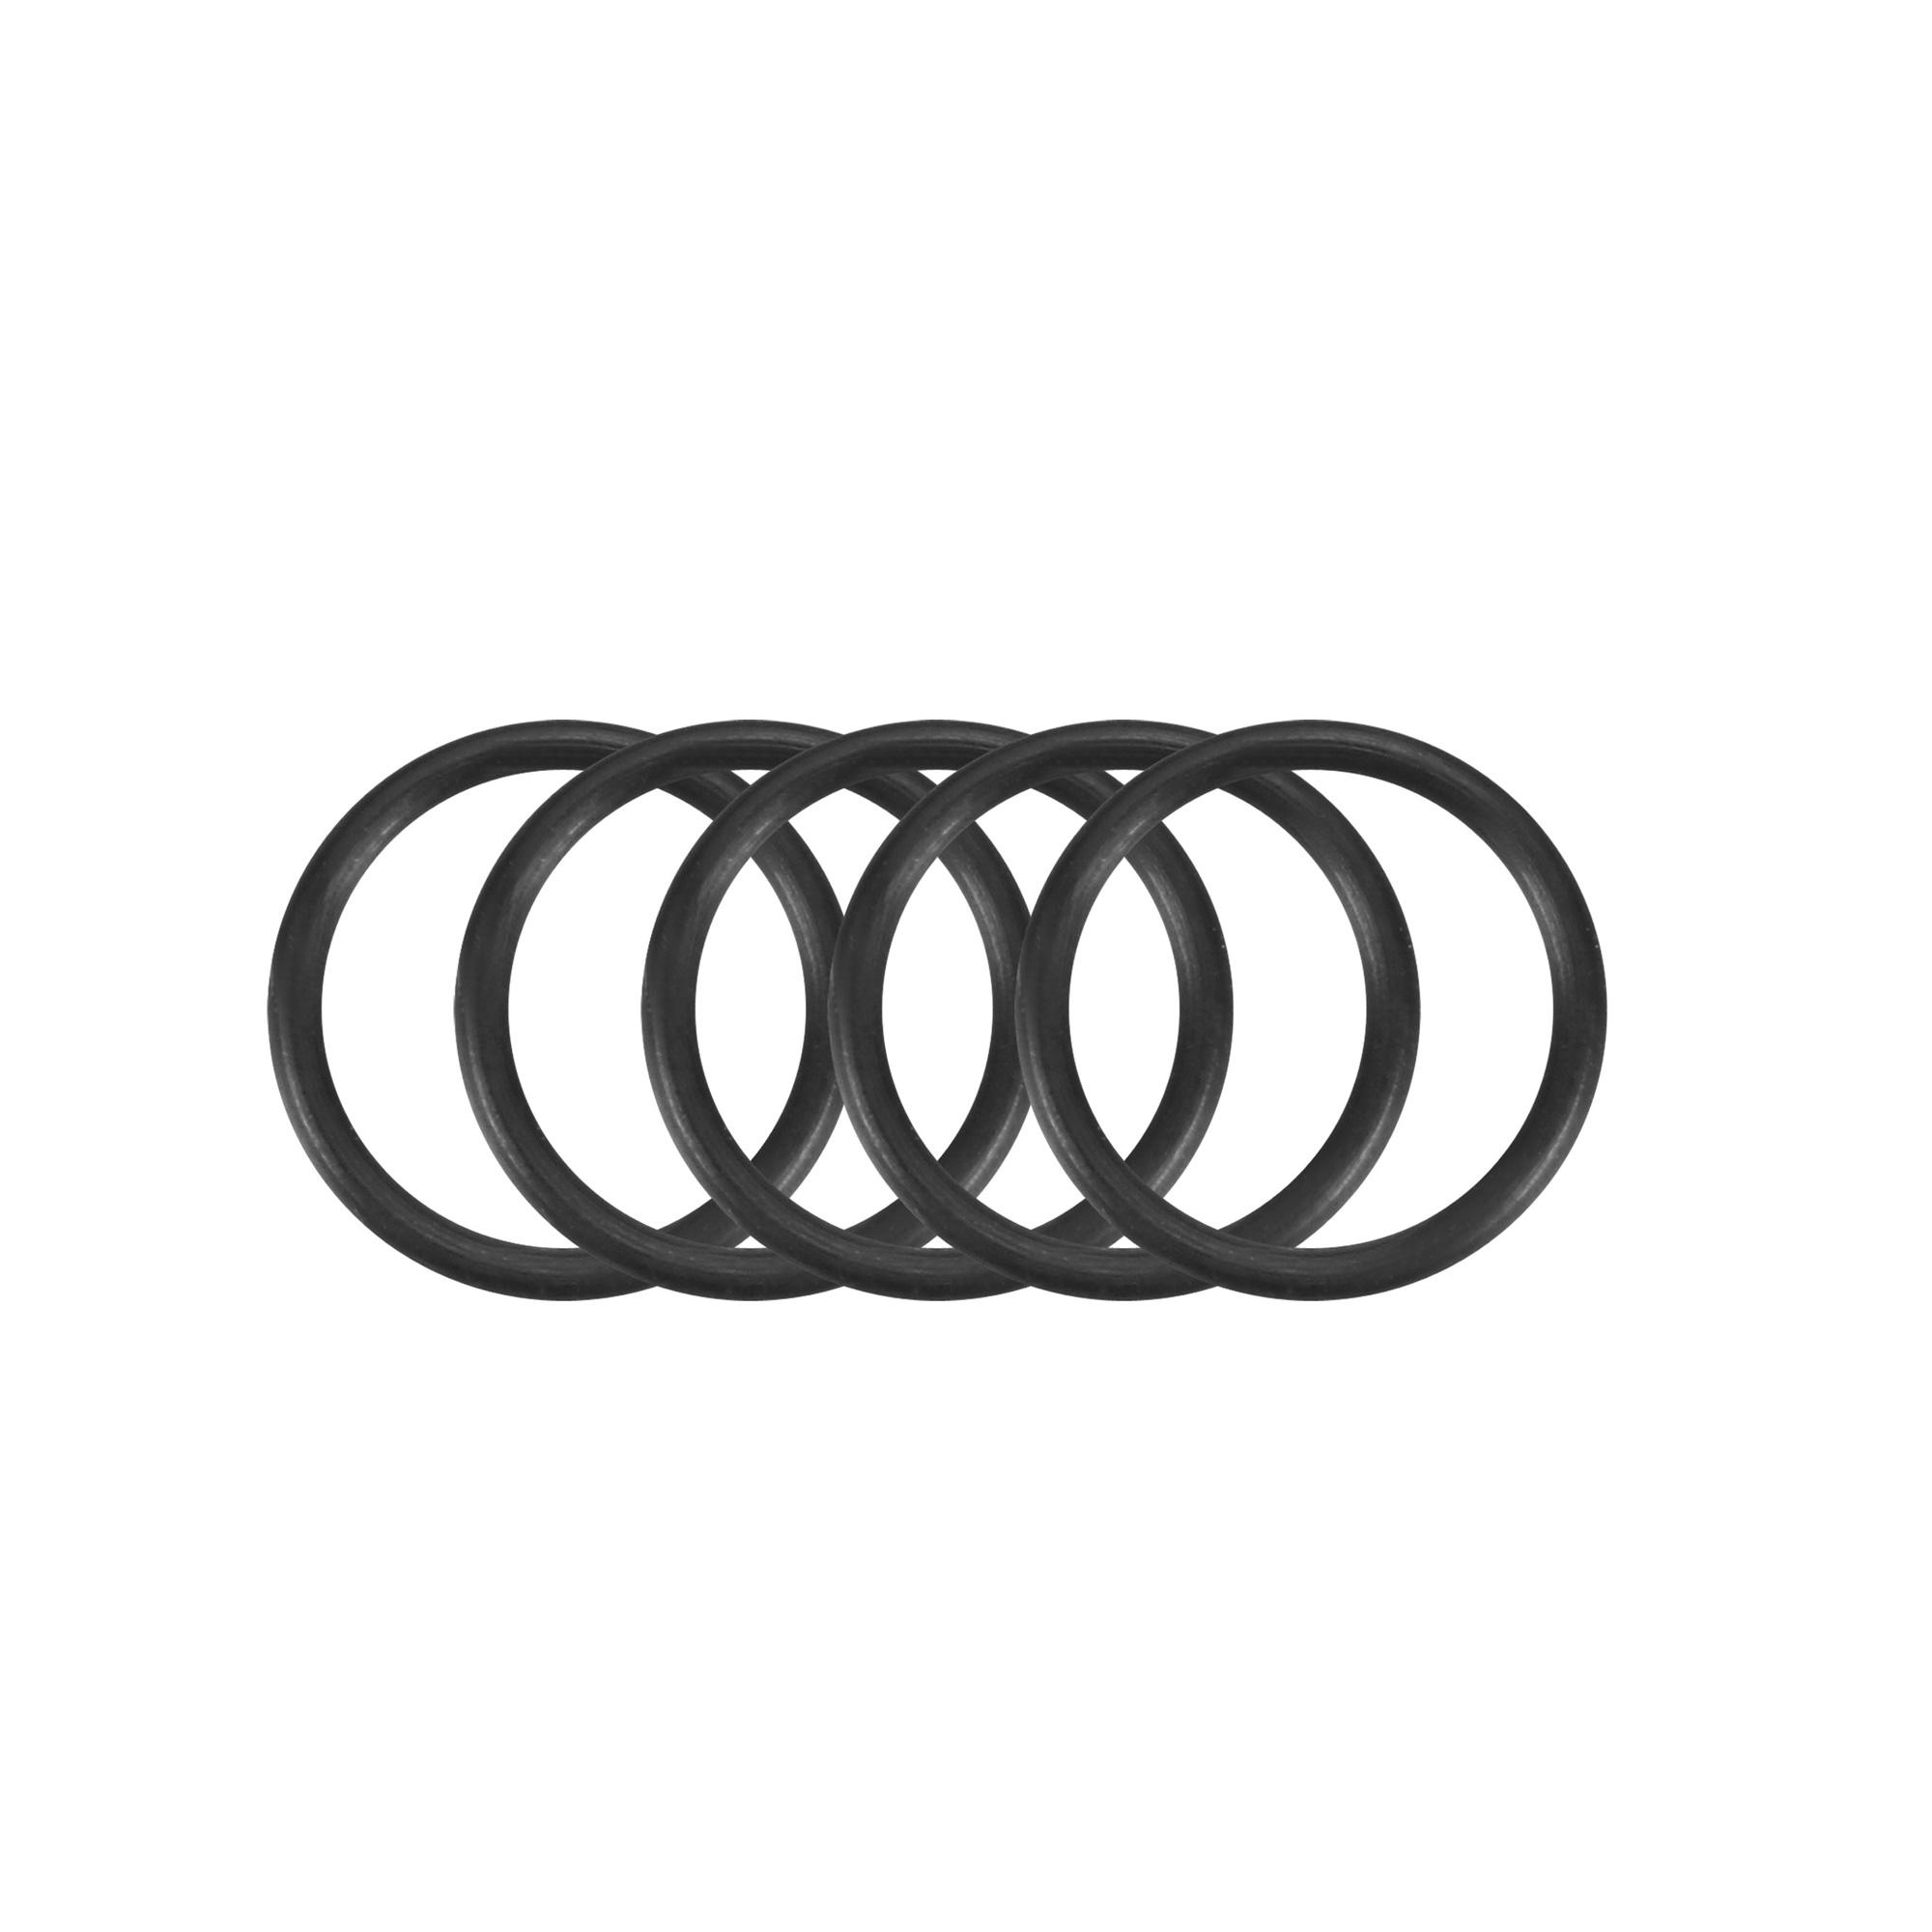 5pcs Black Nitrile Butadiene Rubber NBR O-Ring 6mm Inner Dia 0.7mm Width